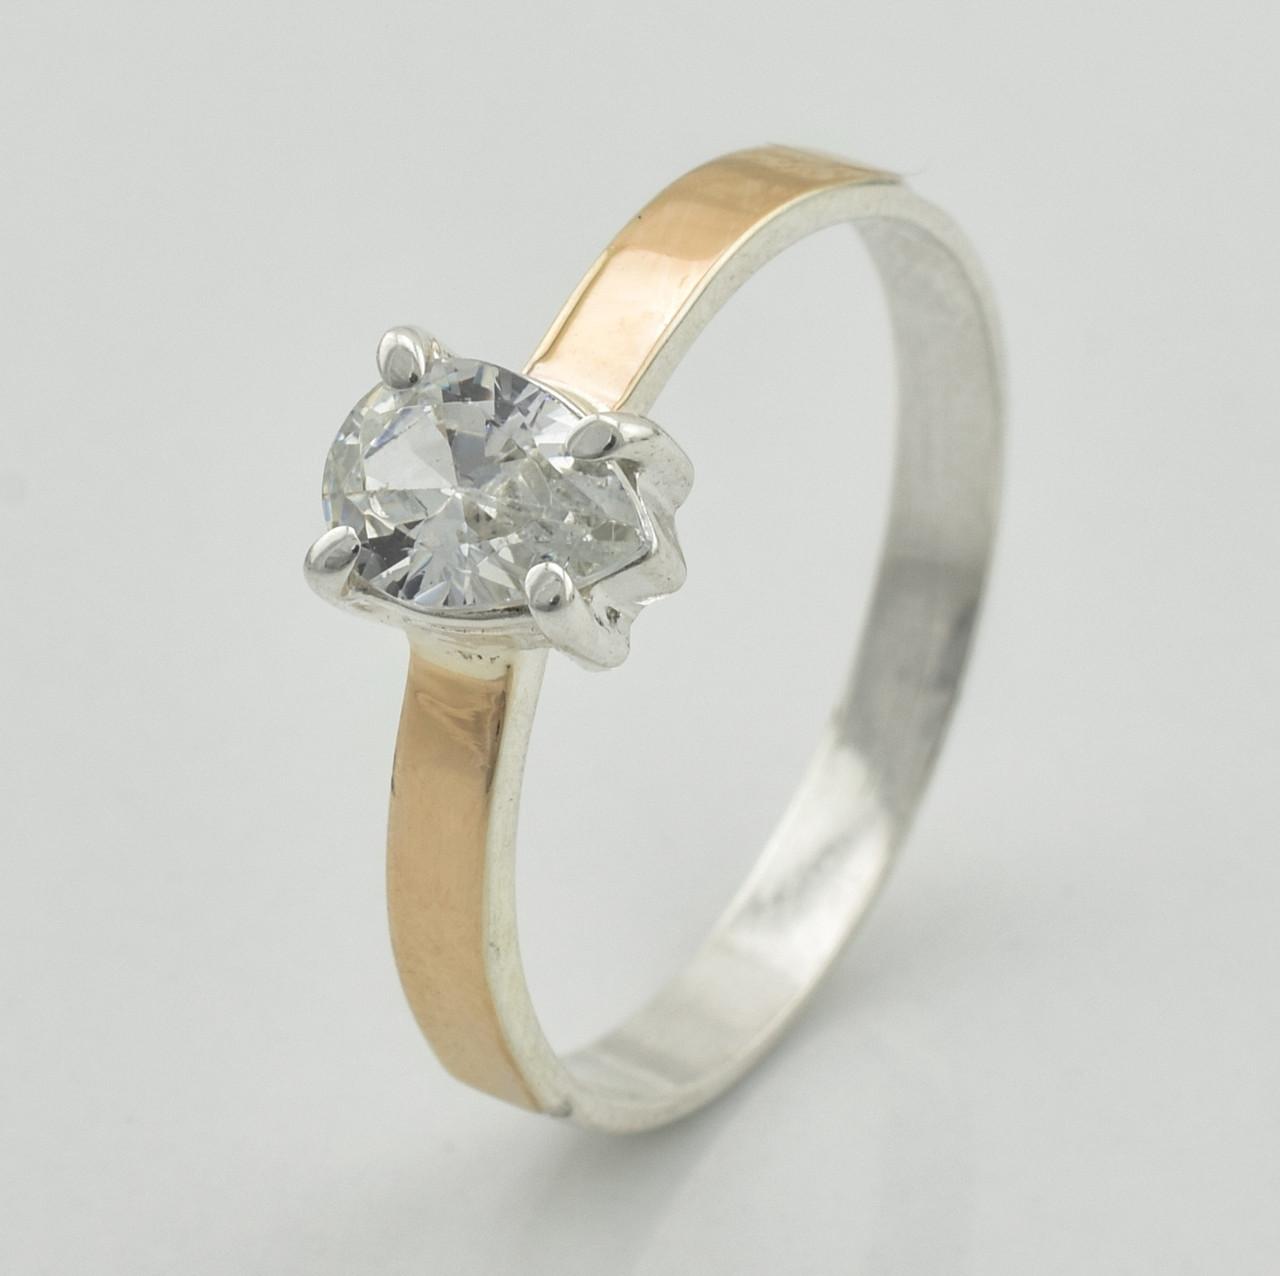 Серебряное кольцо 1277 пк, вставка белый фианит, вес 2.08 г, размер 20